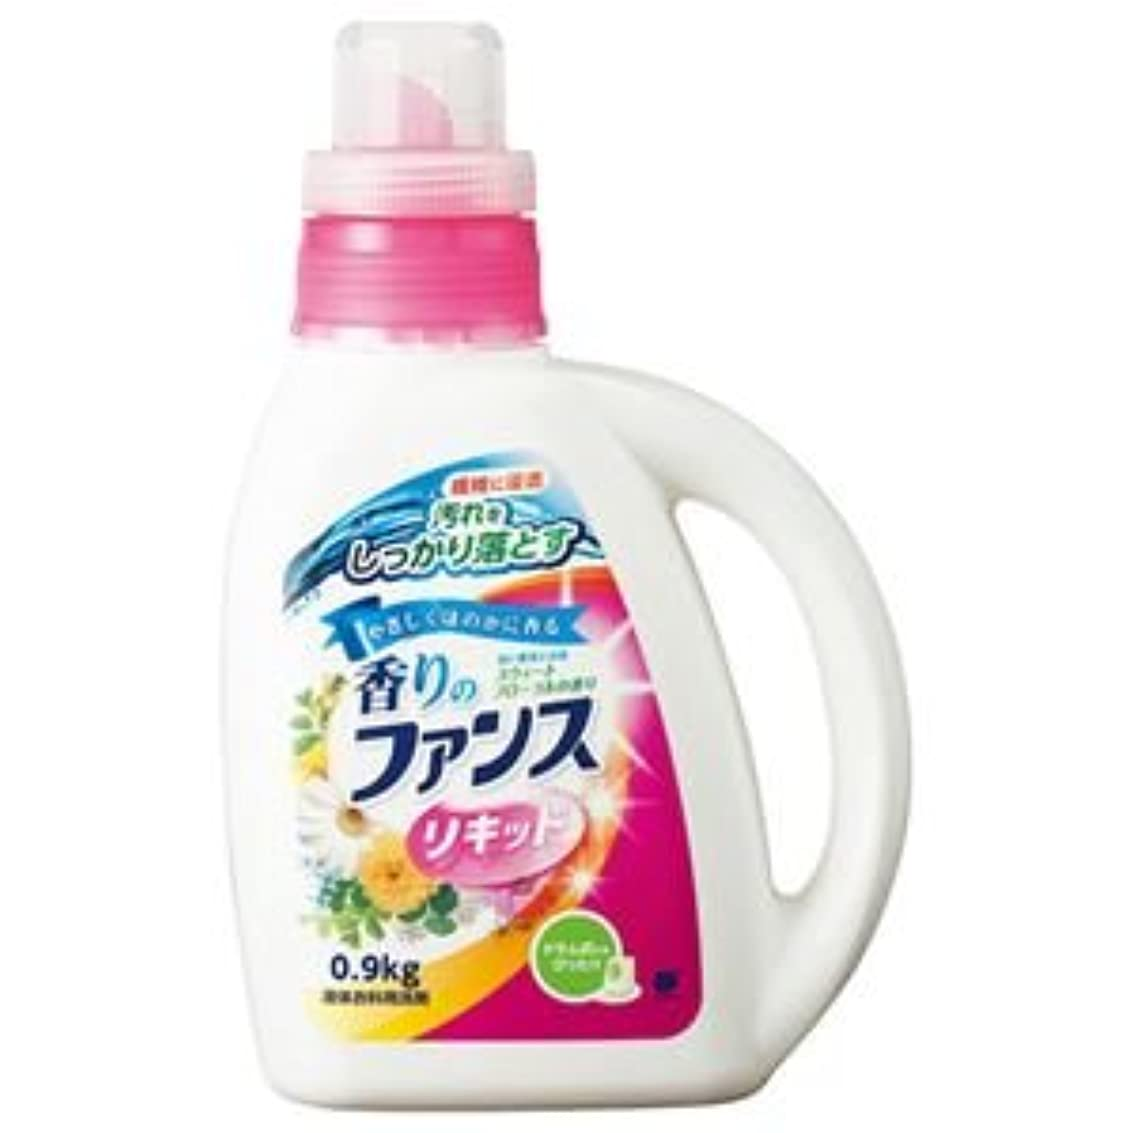 解明する命令的杭(まとめ) 第一石鹸 香りのファンス 液体衣料用洗剤リキッド 本体 0.9kg 1本 【×10セット】